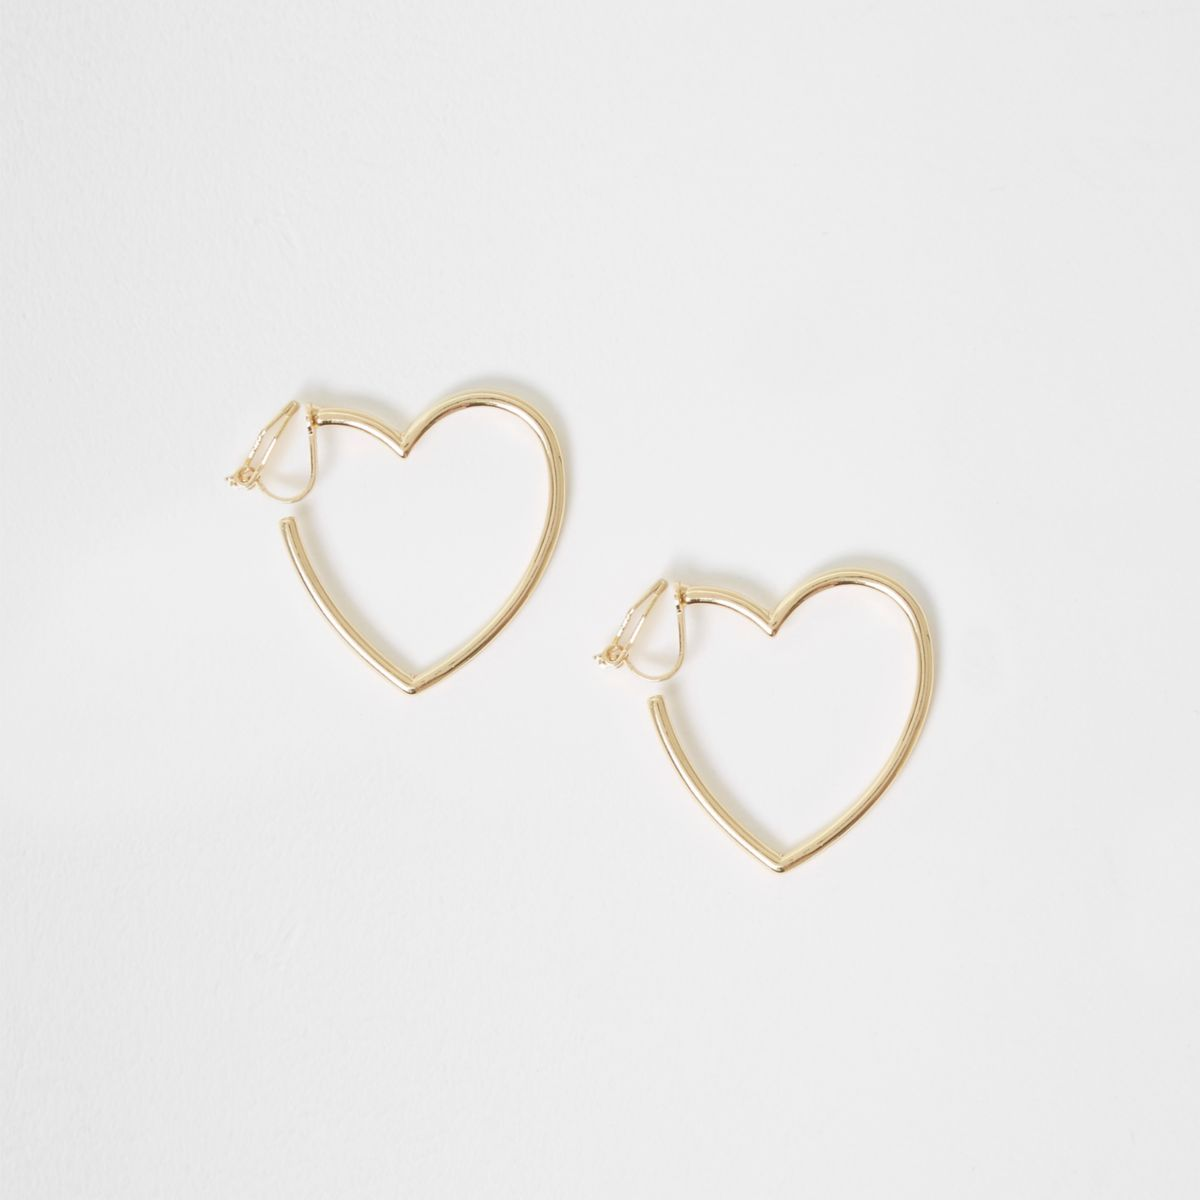 Boucles d'oreilles dorées motif cœur à clips pour fille